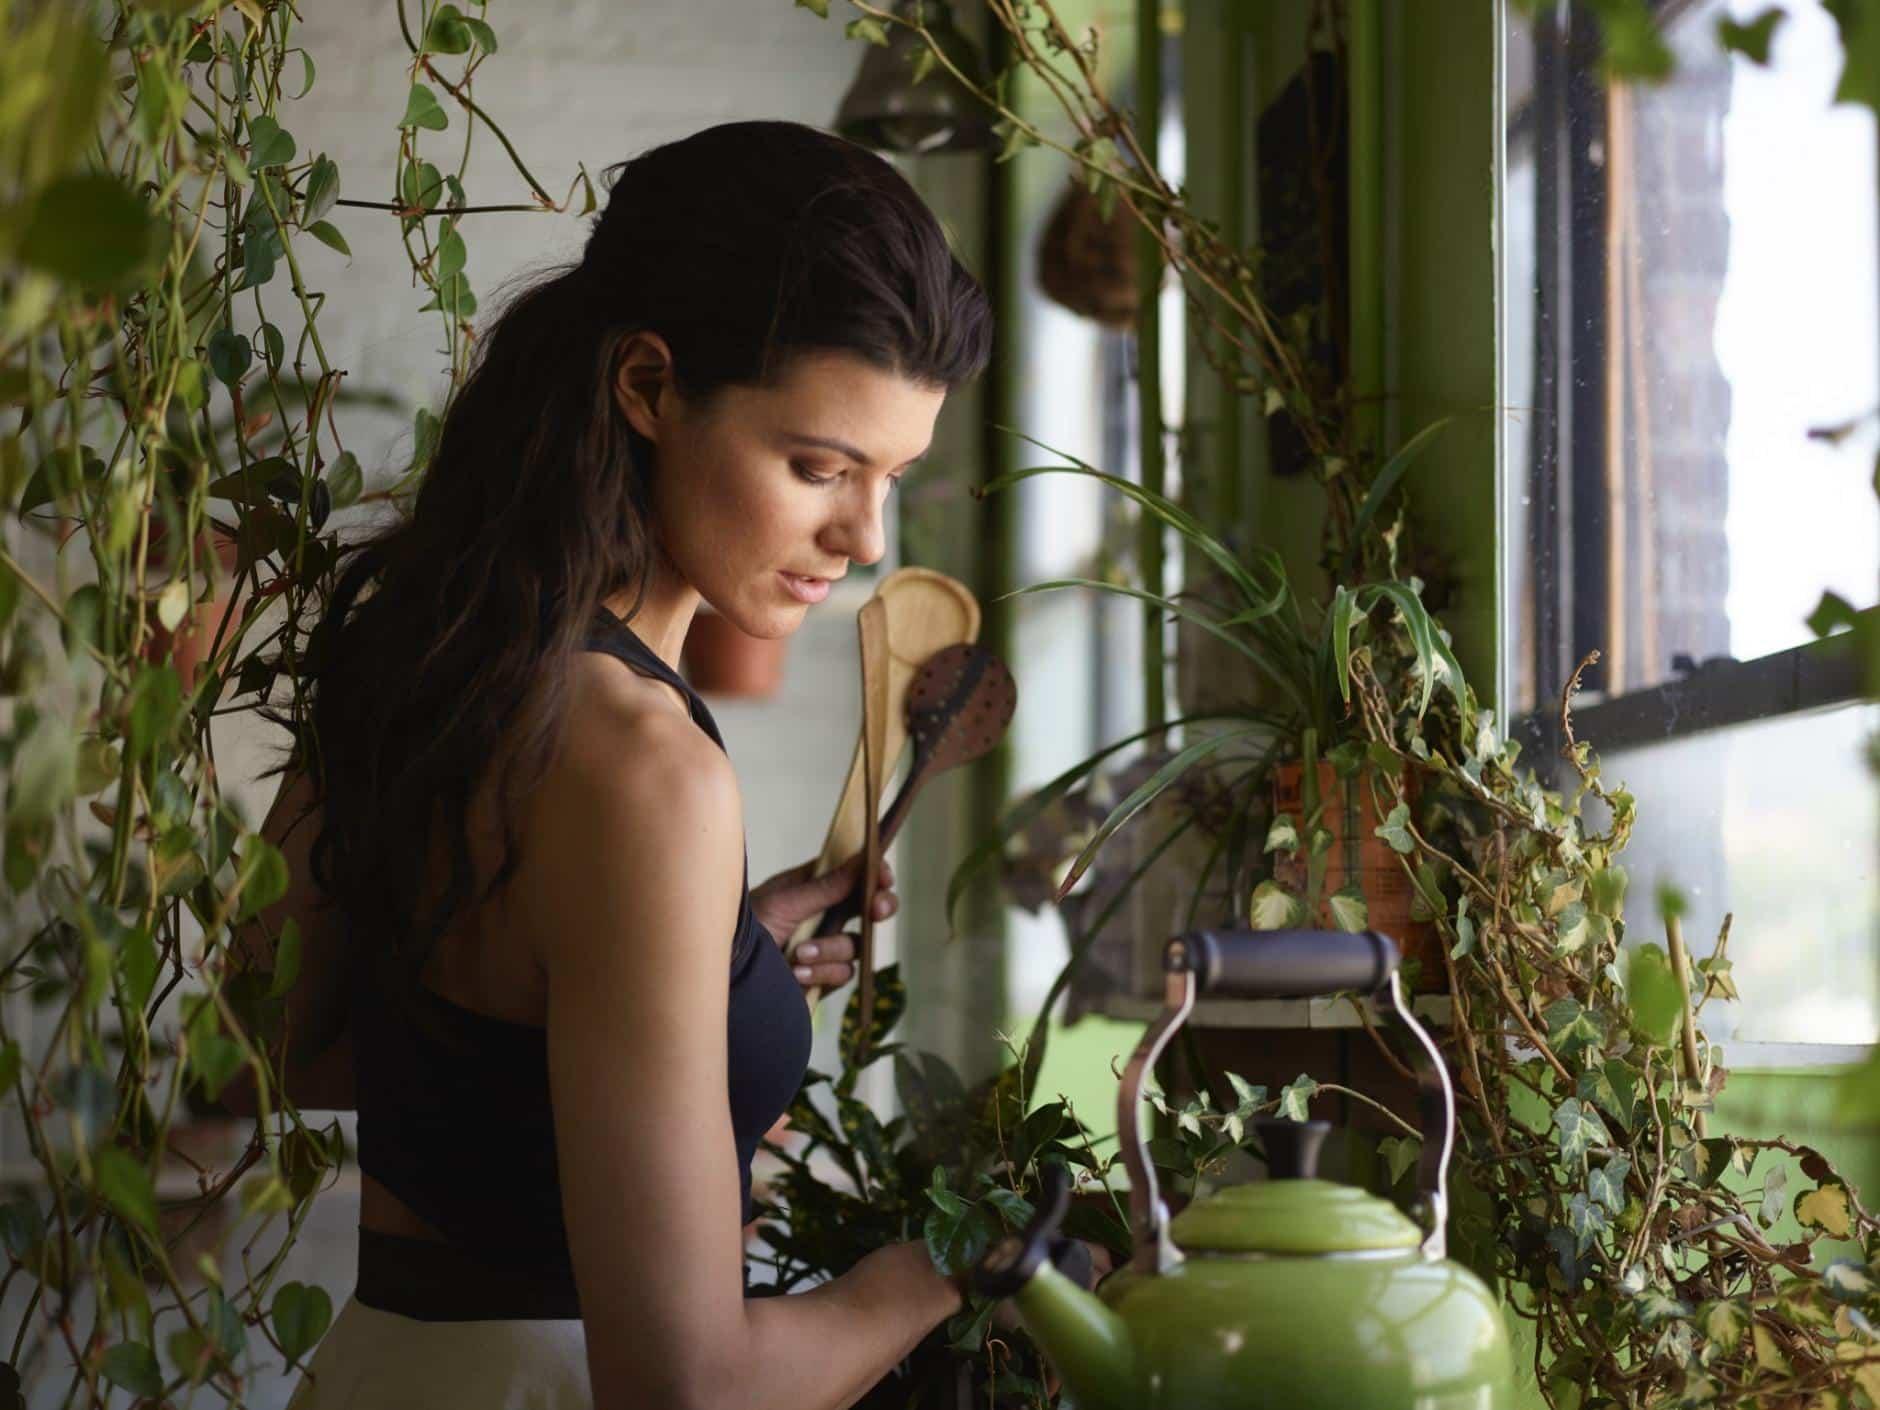 La mujer que cultiva 150 especies de plantas en su apartamento